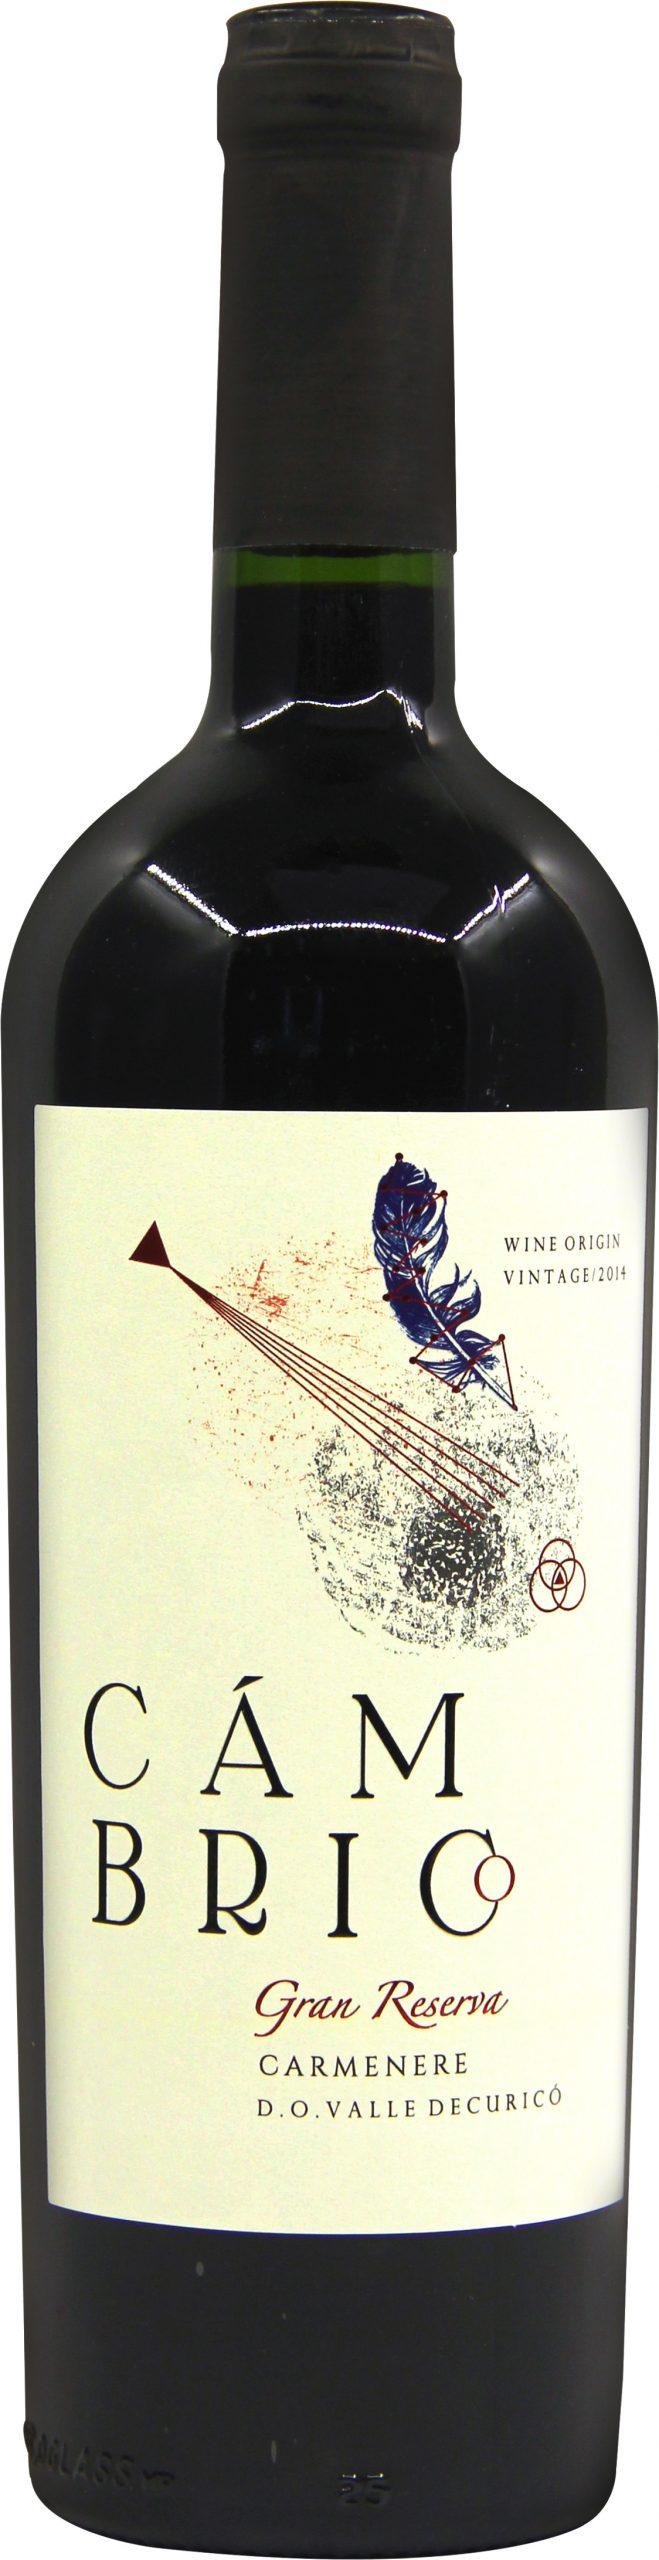 寒武纪卡门干红葡萄酒